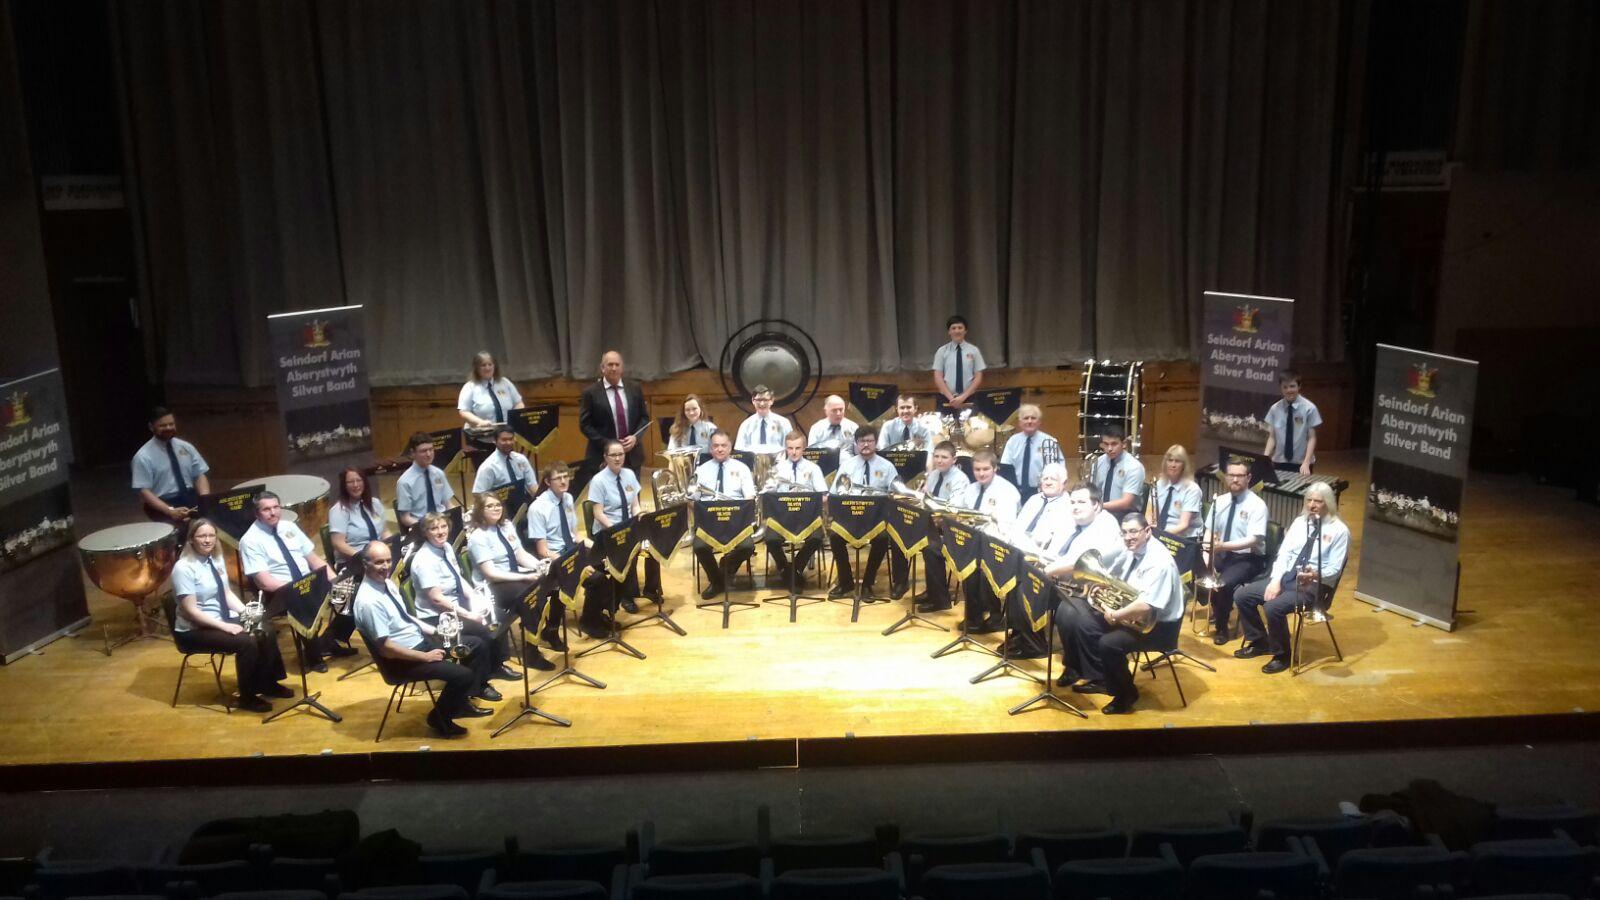 Aberystwyth Silver Band